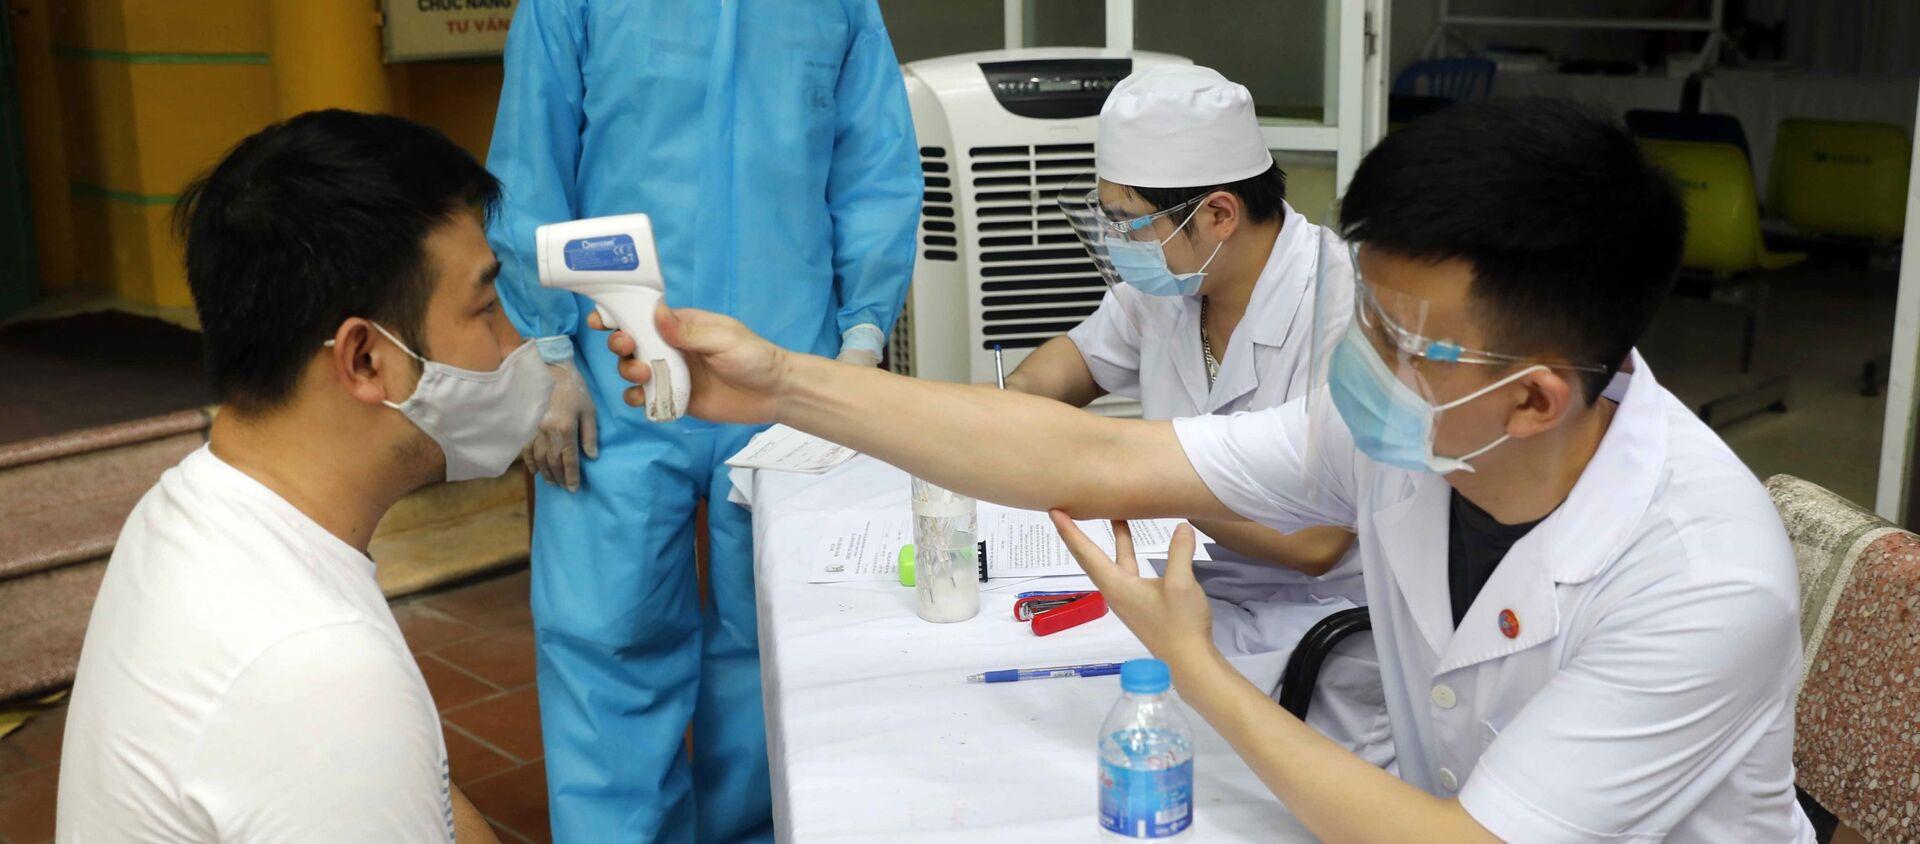 Đo thân nhiệt cho người dân đến khám, chữa bệnh tại Bệnh viện Dệt may - Sputnik Việt Nam, 1920, 08.08.2021